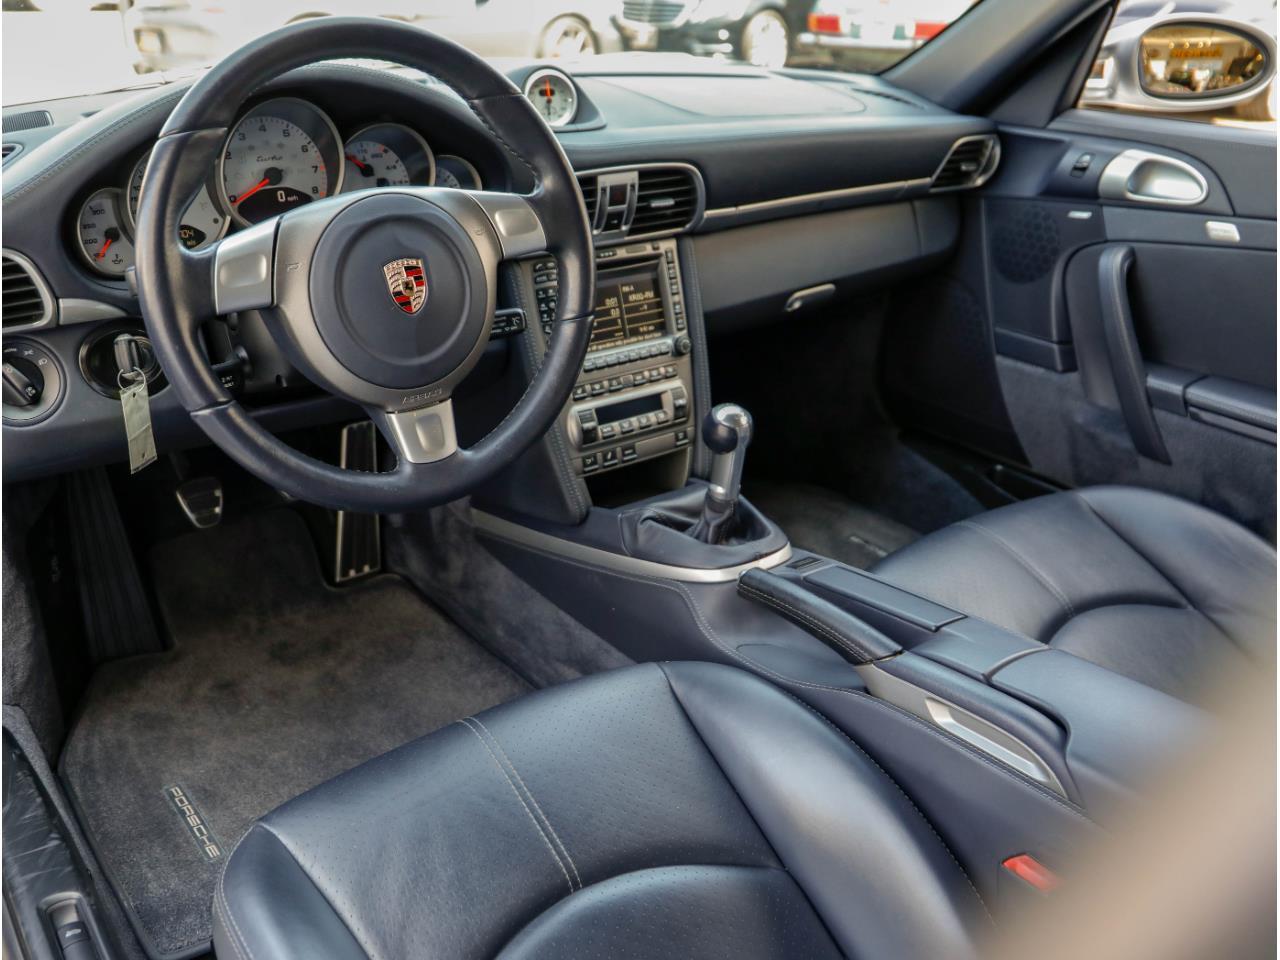 2007 Porsche 911 Turbo (CC-1269171) for sale in Marina Del Rey, California